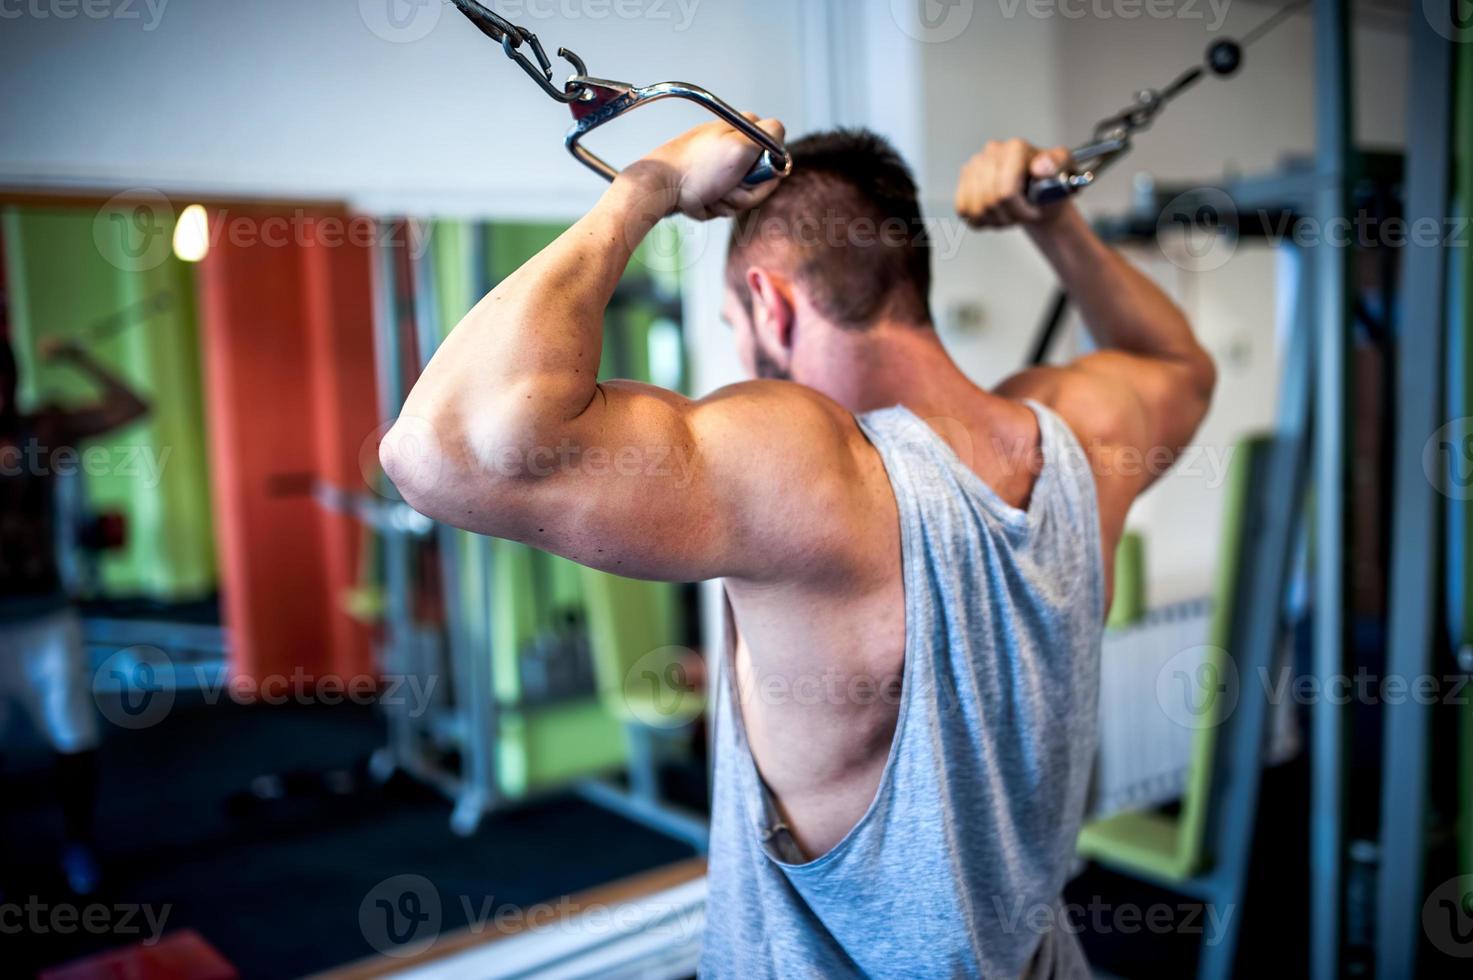 junger, muskulöser Mann, Bodybuilder, der im Fitnessstudio trainiert. Fitness con foto